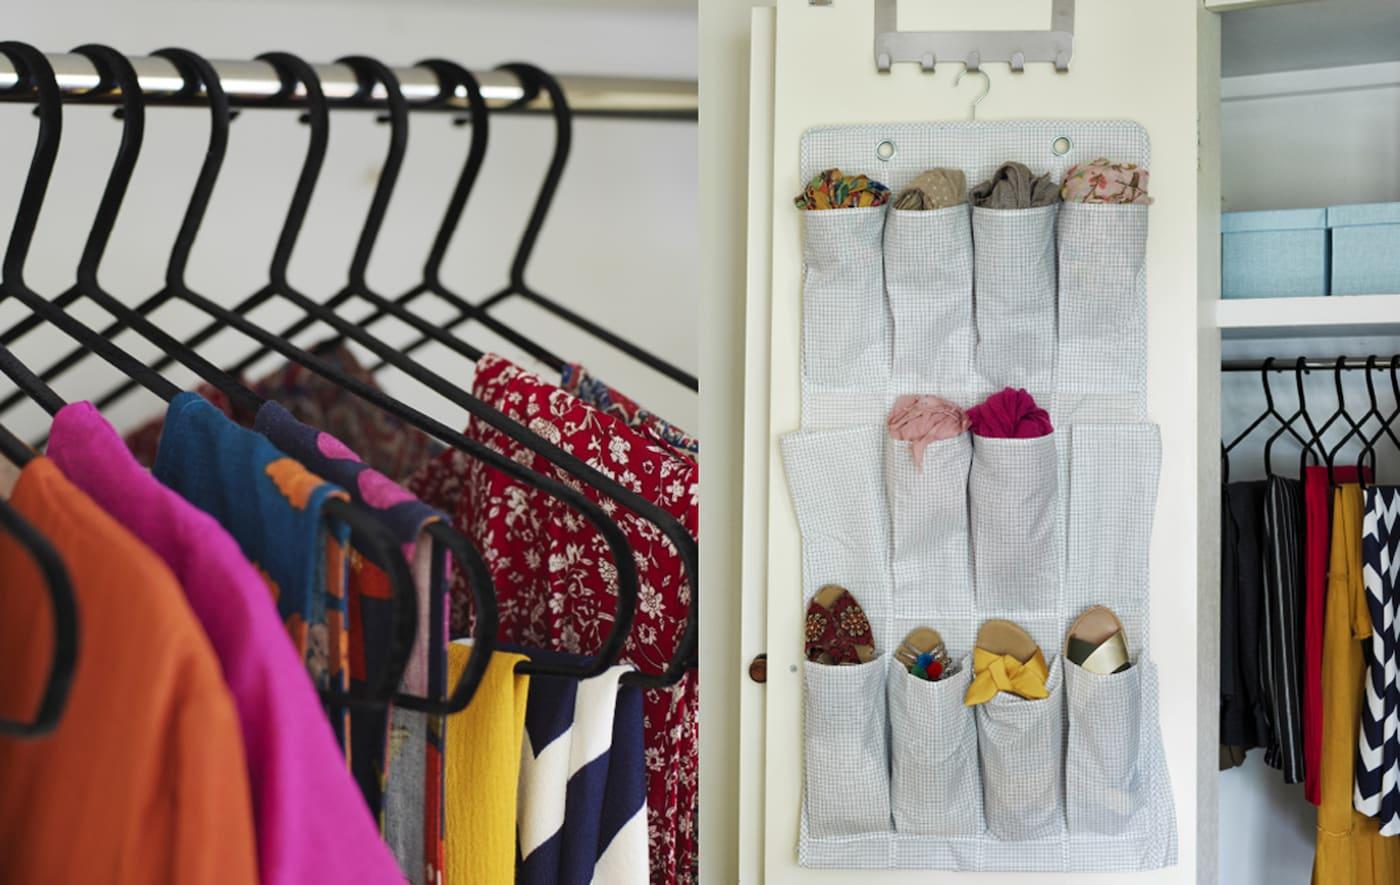 Perchas negras dentro de un armario con prendas y accesorios coloridos guardados en un organizador de zapatos colgante dentro de la puerta de un armario.